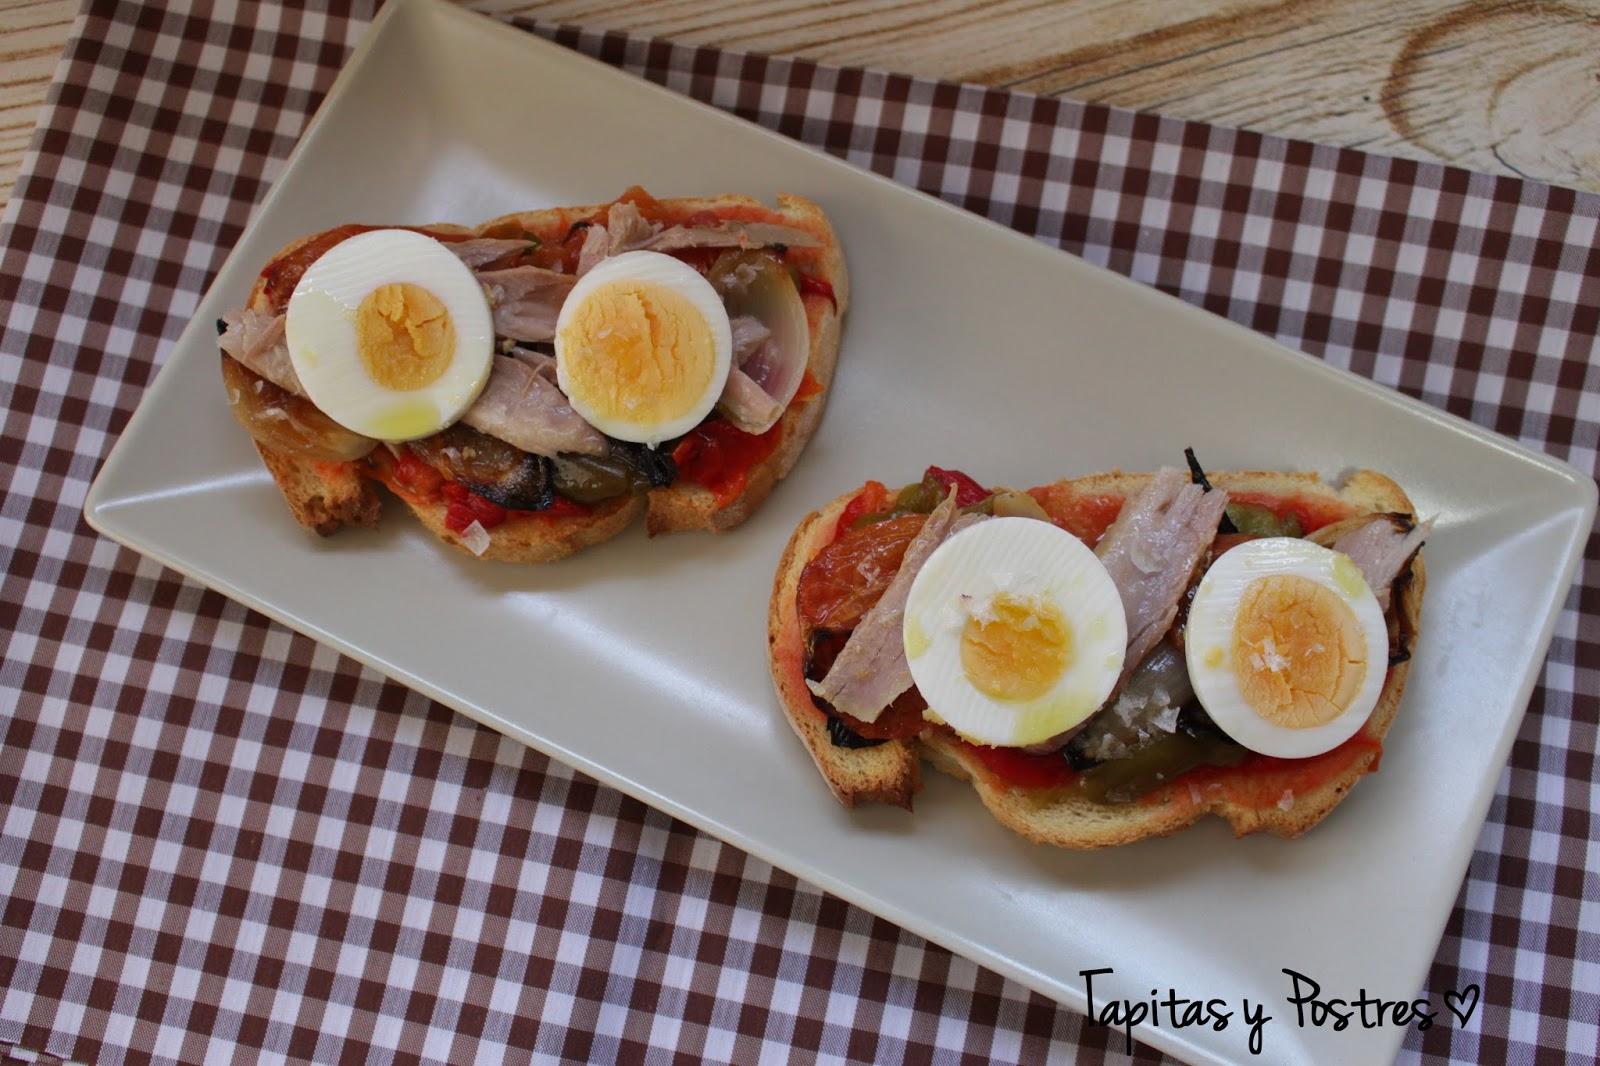 Tapitas y postres tosta de escalivada con salmorejo for Comida rapida y facil de preparar en casa